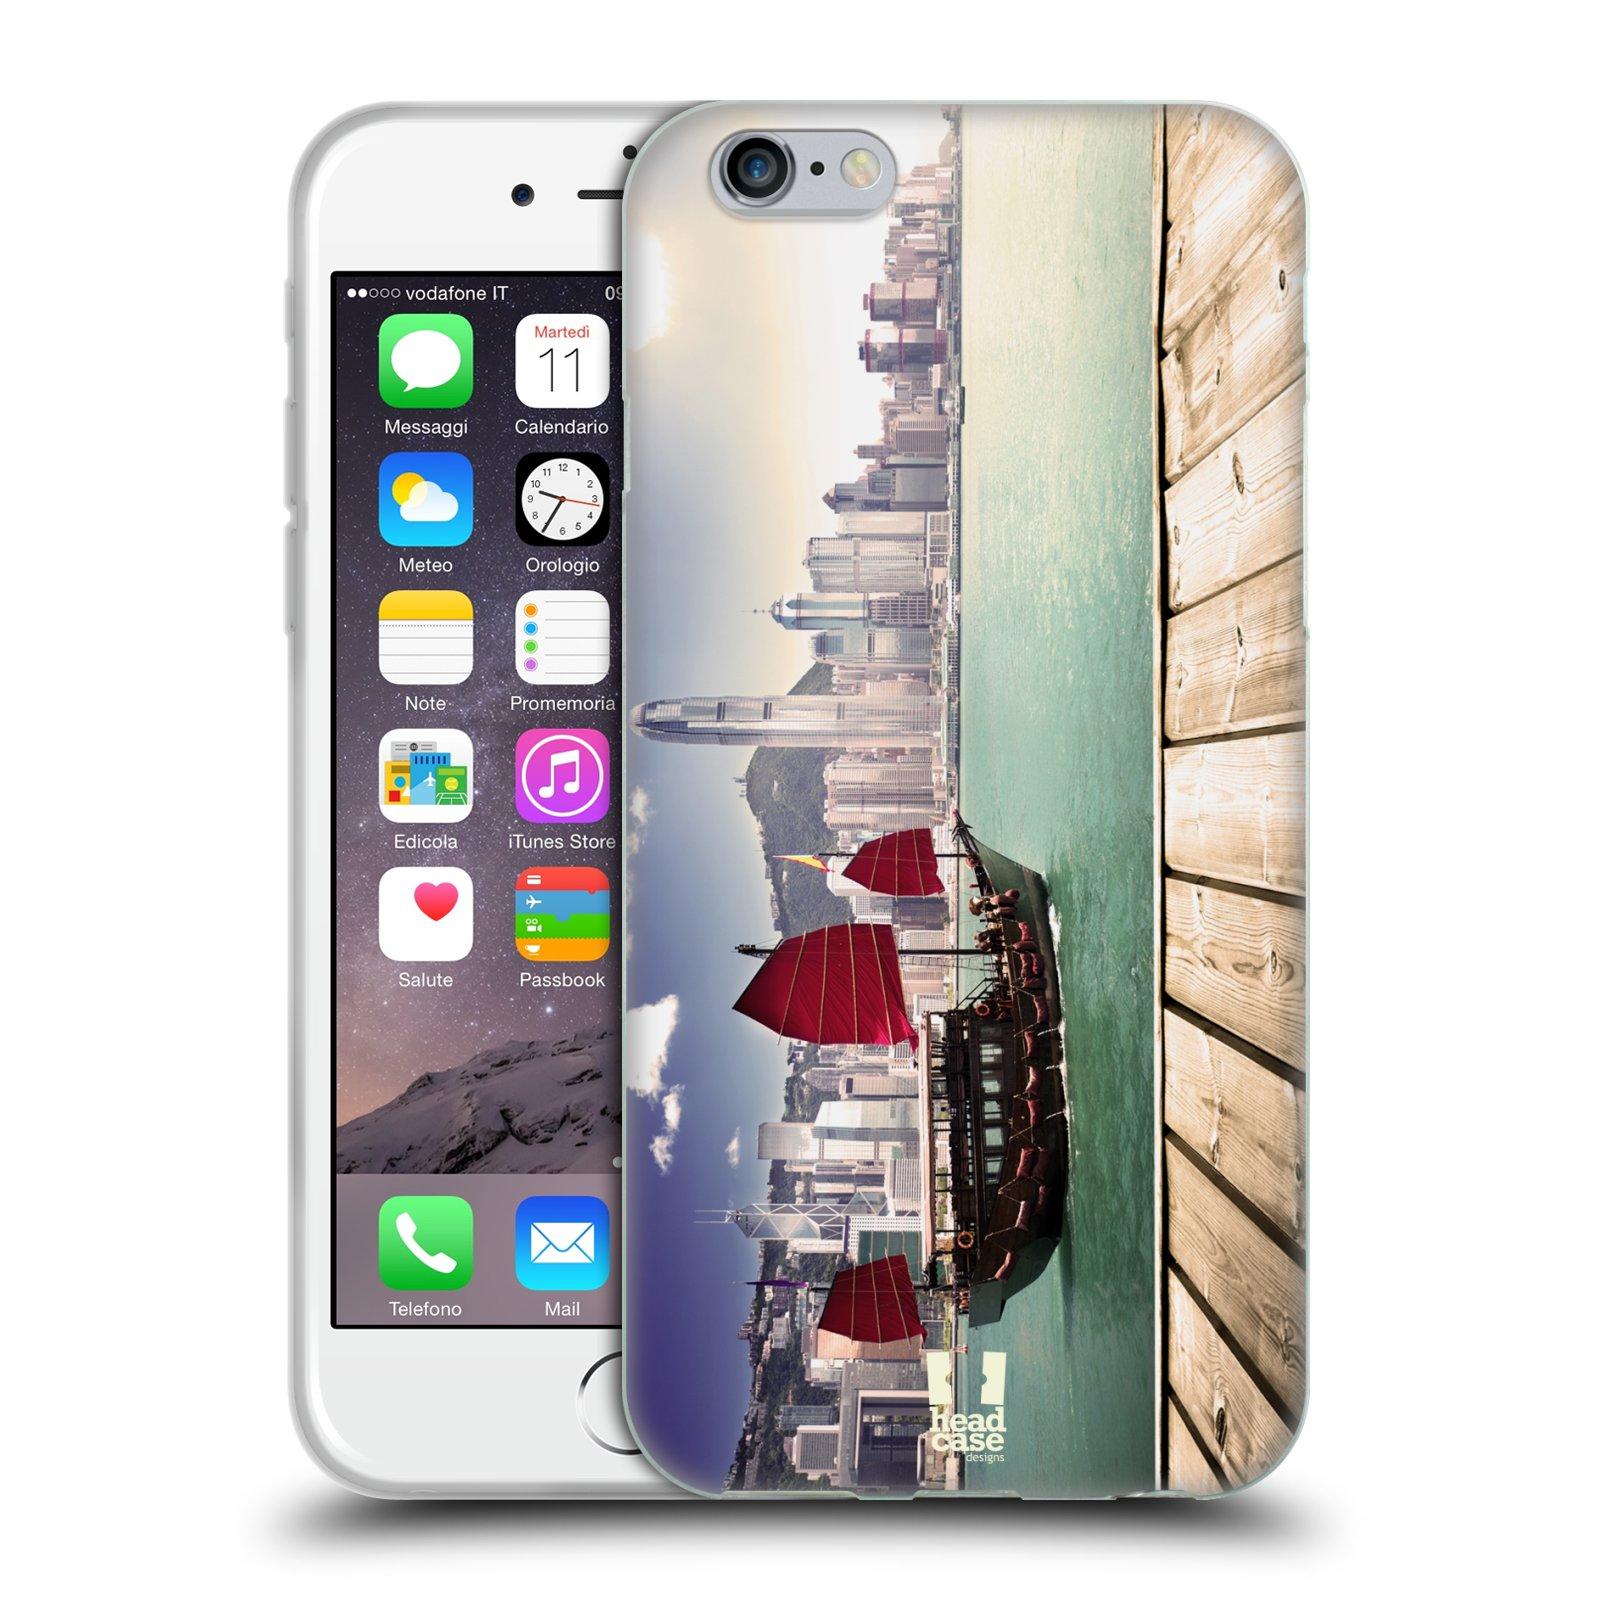 HEAD CASE silikonový obal na mobil Apple Iphone 6/6S vzor Města foto náměstí ČÍNA, HONG KONG, PŘÍSTAV